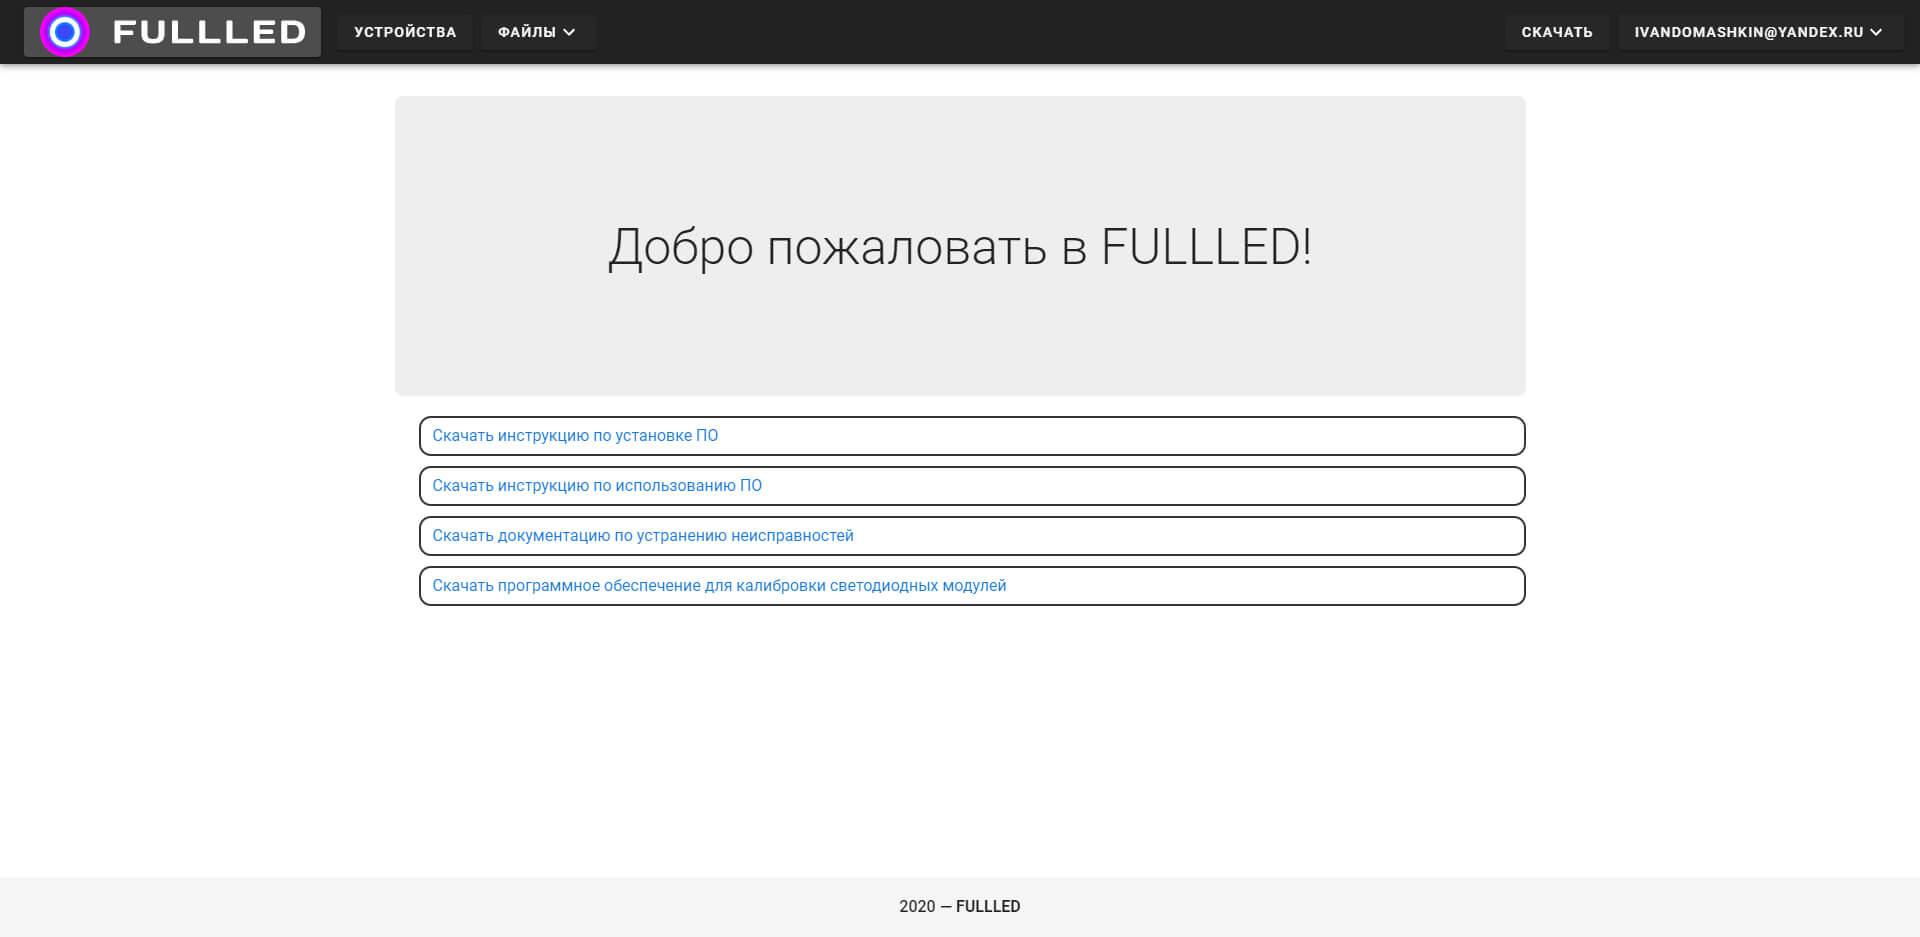 Дизайн мобильного приложения  и веб-версии для компании Fulled 1